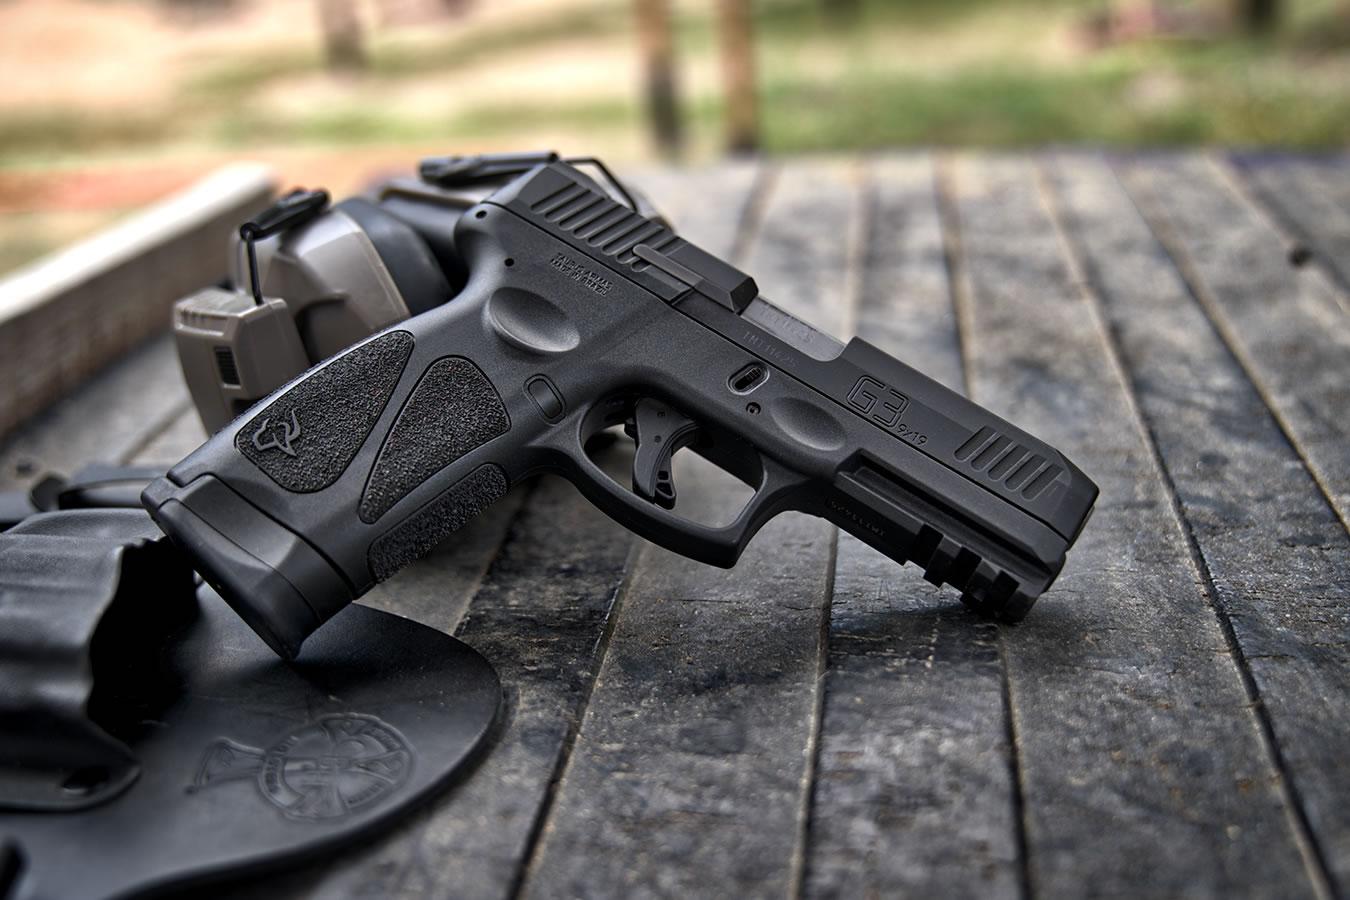 Preorder - Taurus G3 Striker-Fired 9mm 4